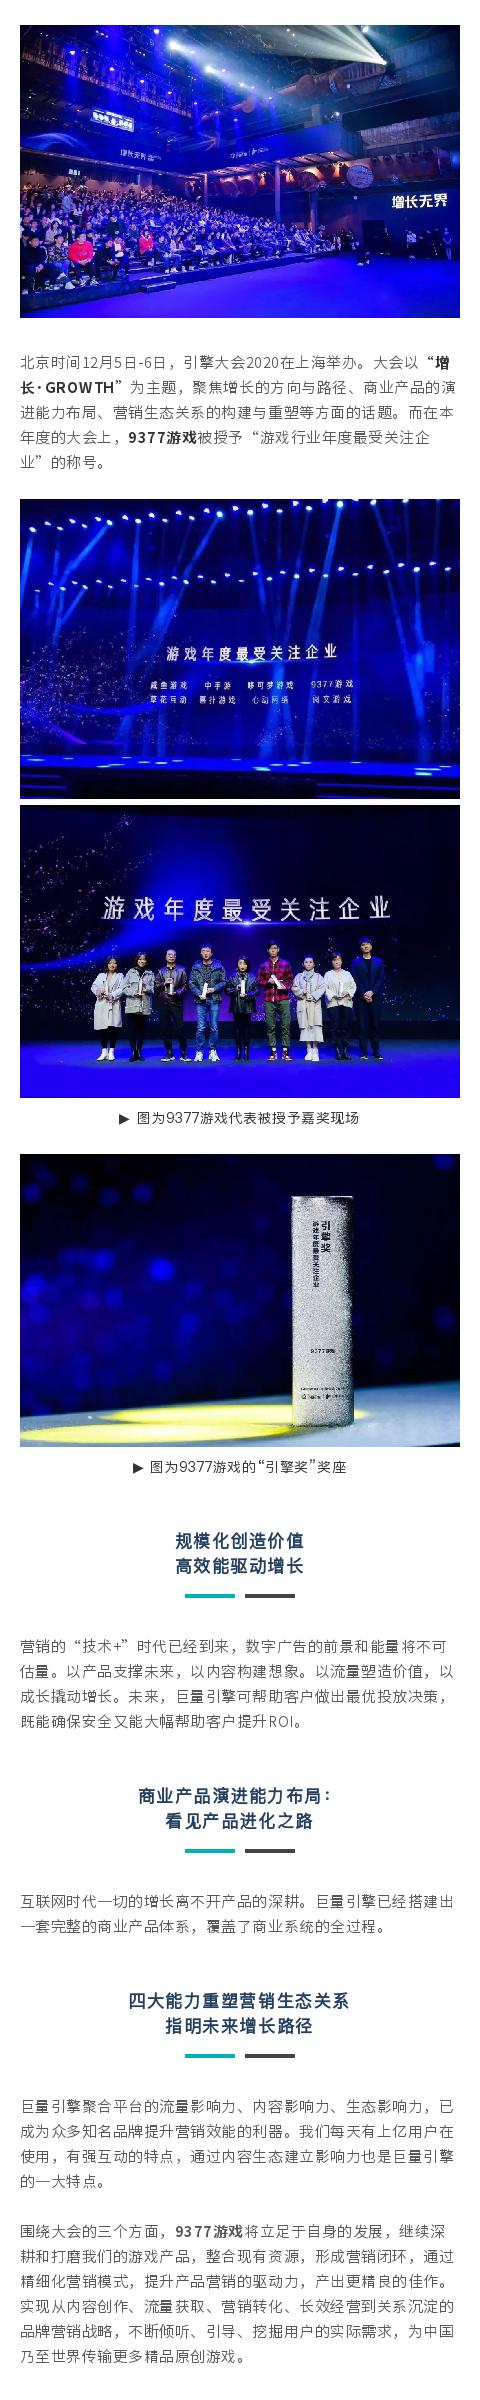 """9377游戏荣获引擎大会2020""""游戏行业年度最受关注企业""""嘉奖.png"""